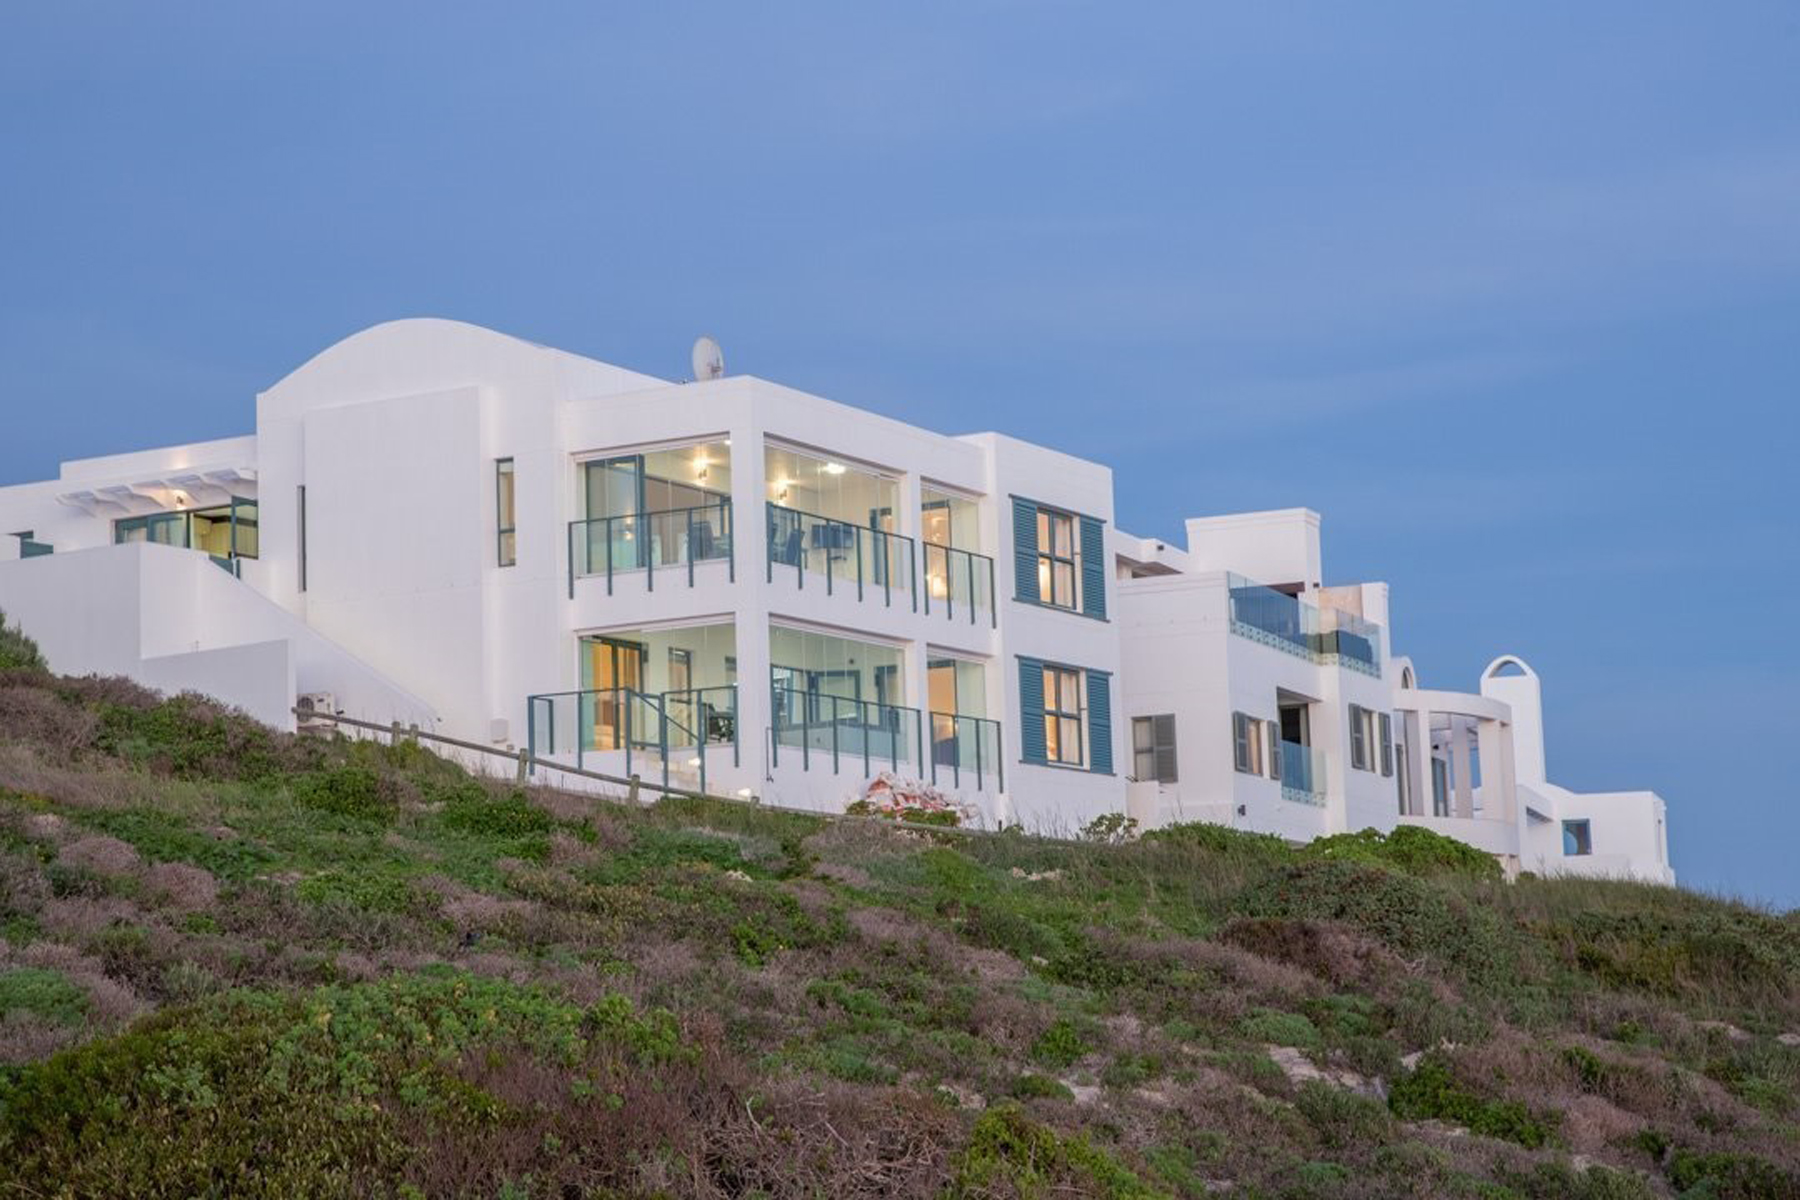 独户住宅 为 销售 在 Langebaan 西开普其他地方, 西开普省, 7357 南非